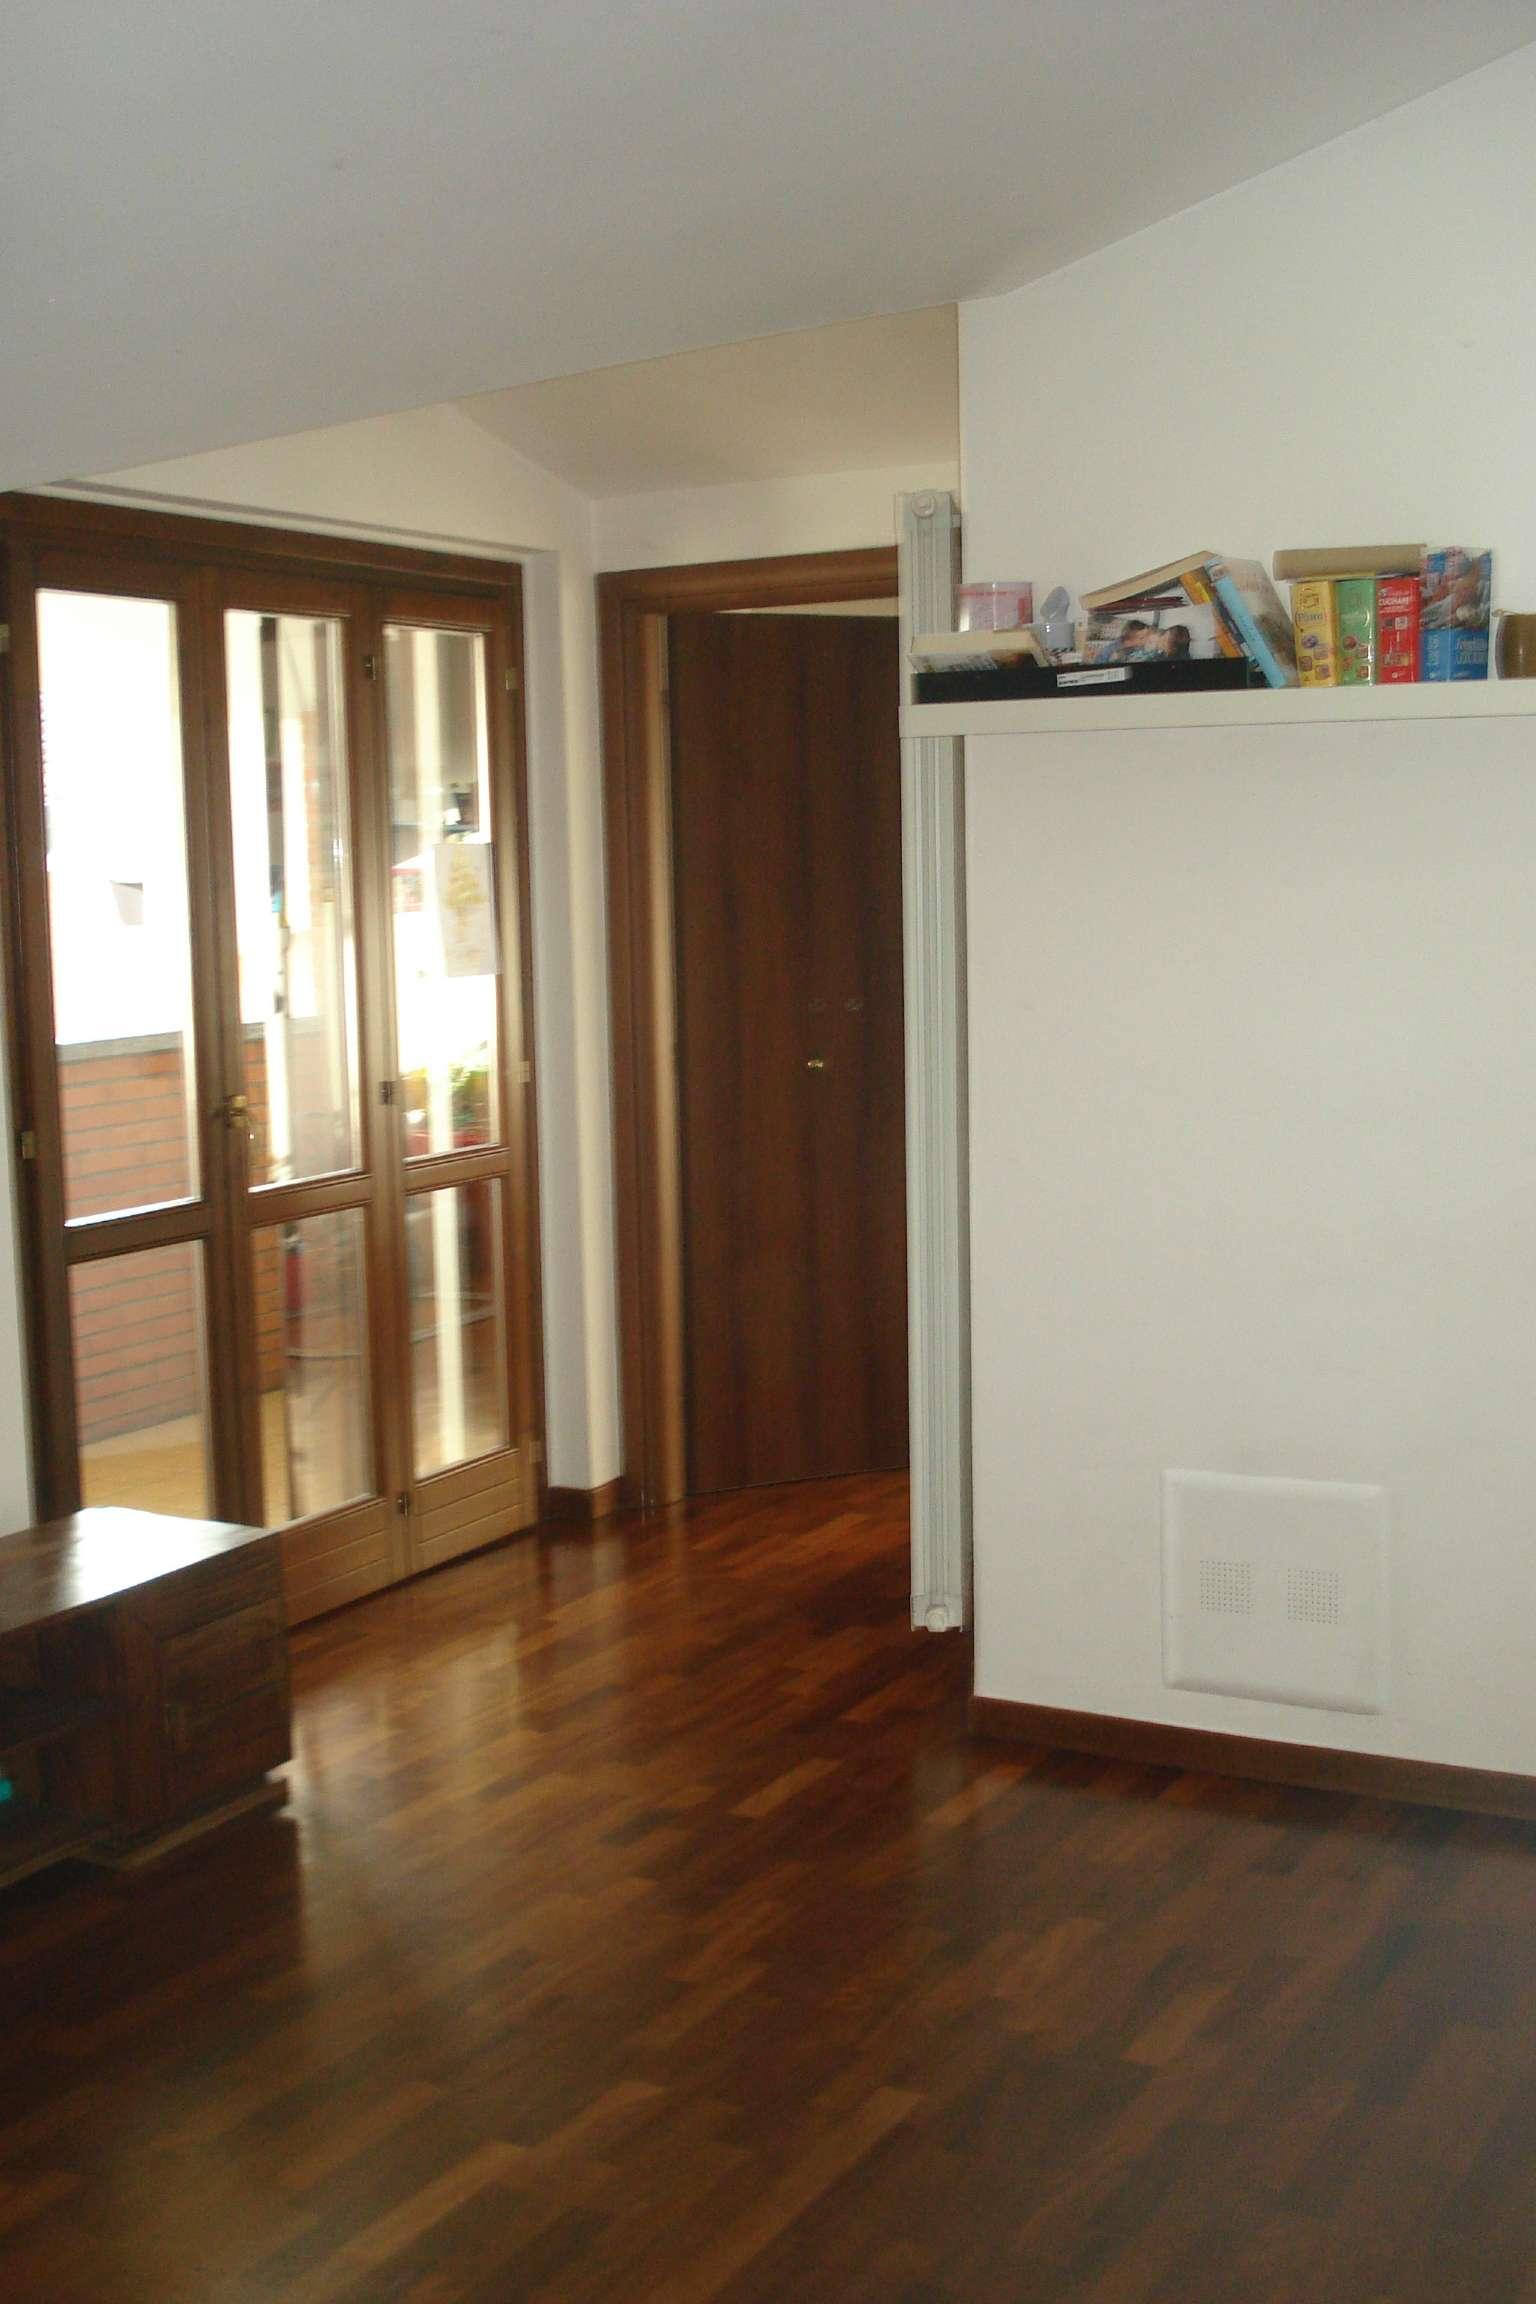 Appartamento in vendita a Caronno Pertusella, 2 locali, prezzo € 108.000 | PortaleAgenzieImmobiliari.it